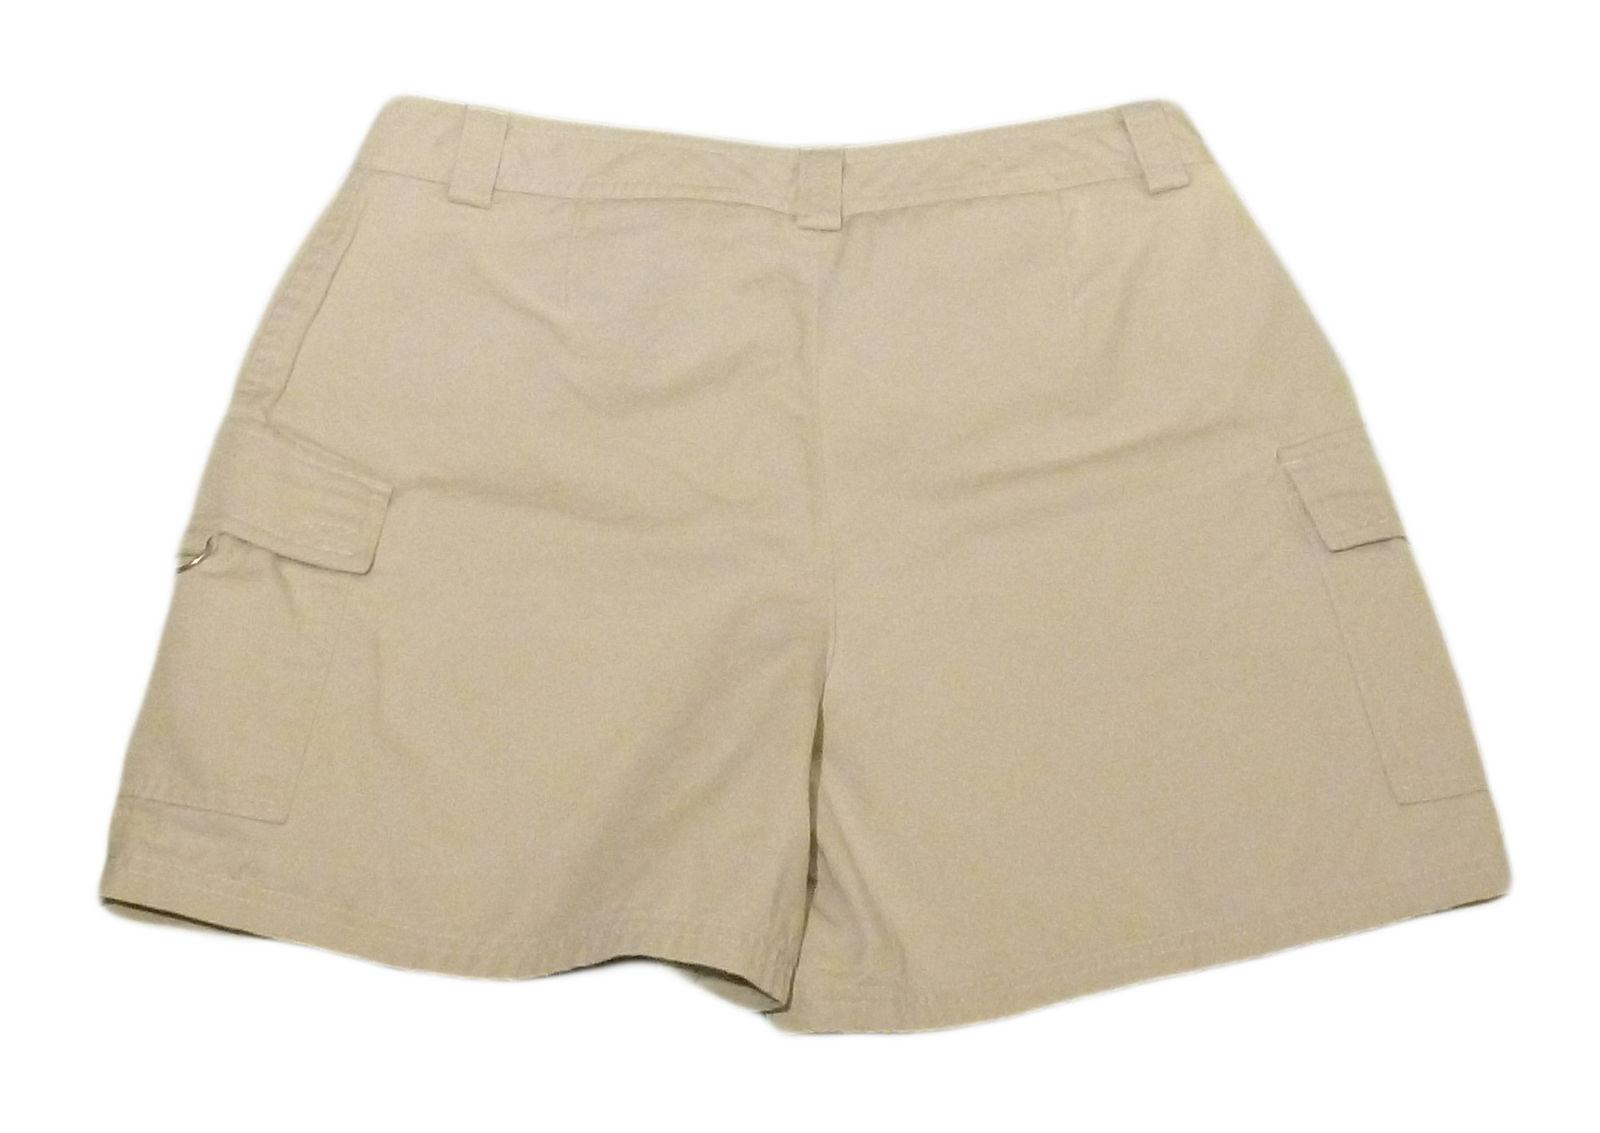 Womens Tan DOCKERS Casual Shorts 10 100% Cotton